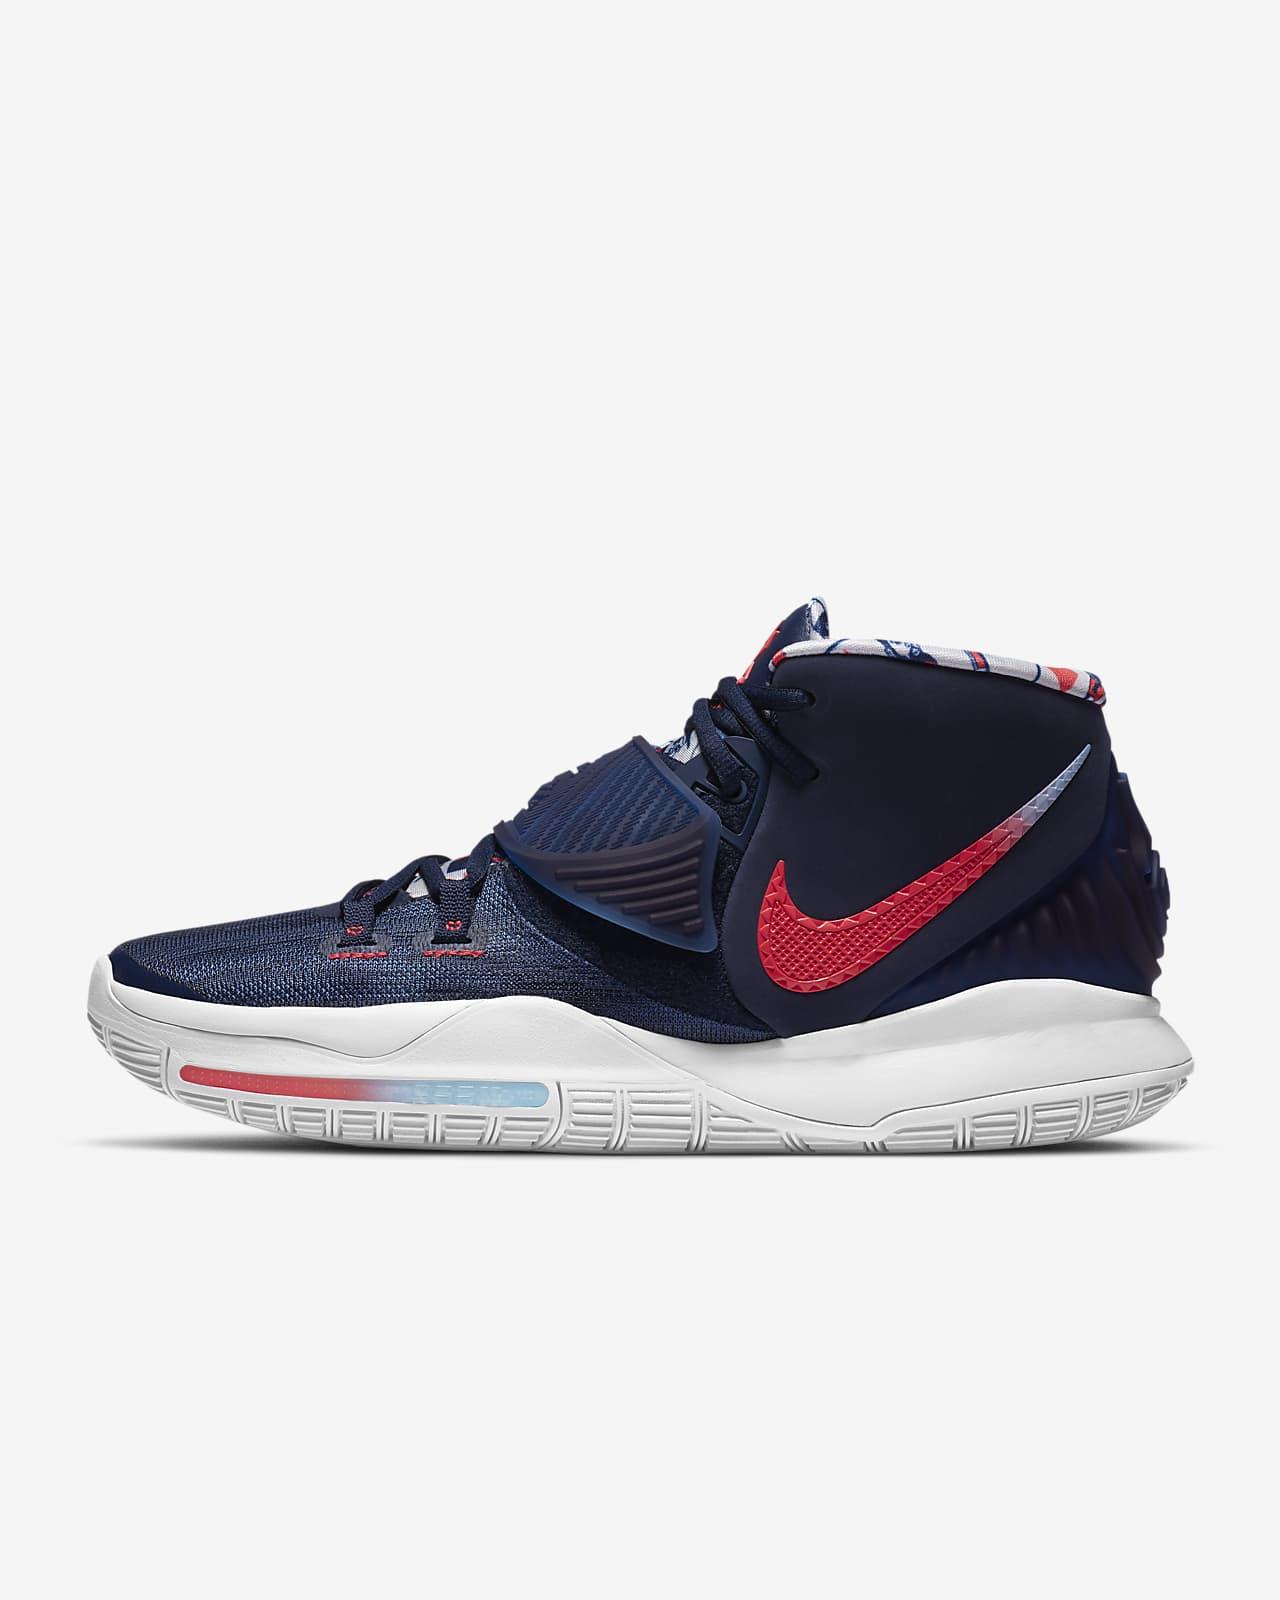 Chaussure de basketball Kyrie 6 « Midnight Navy »